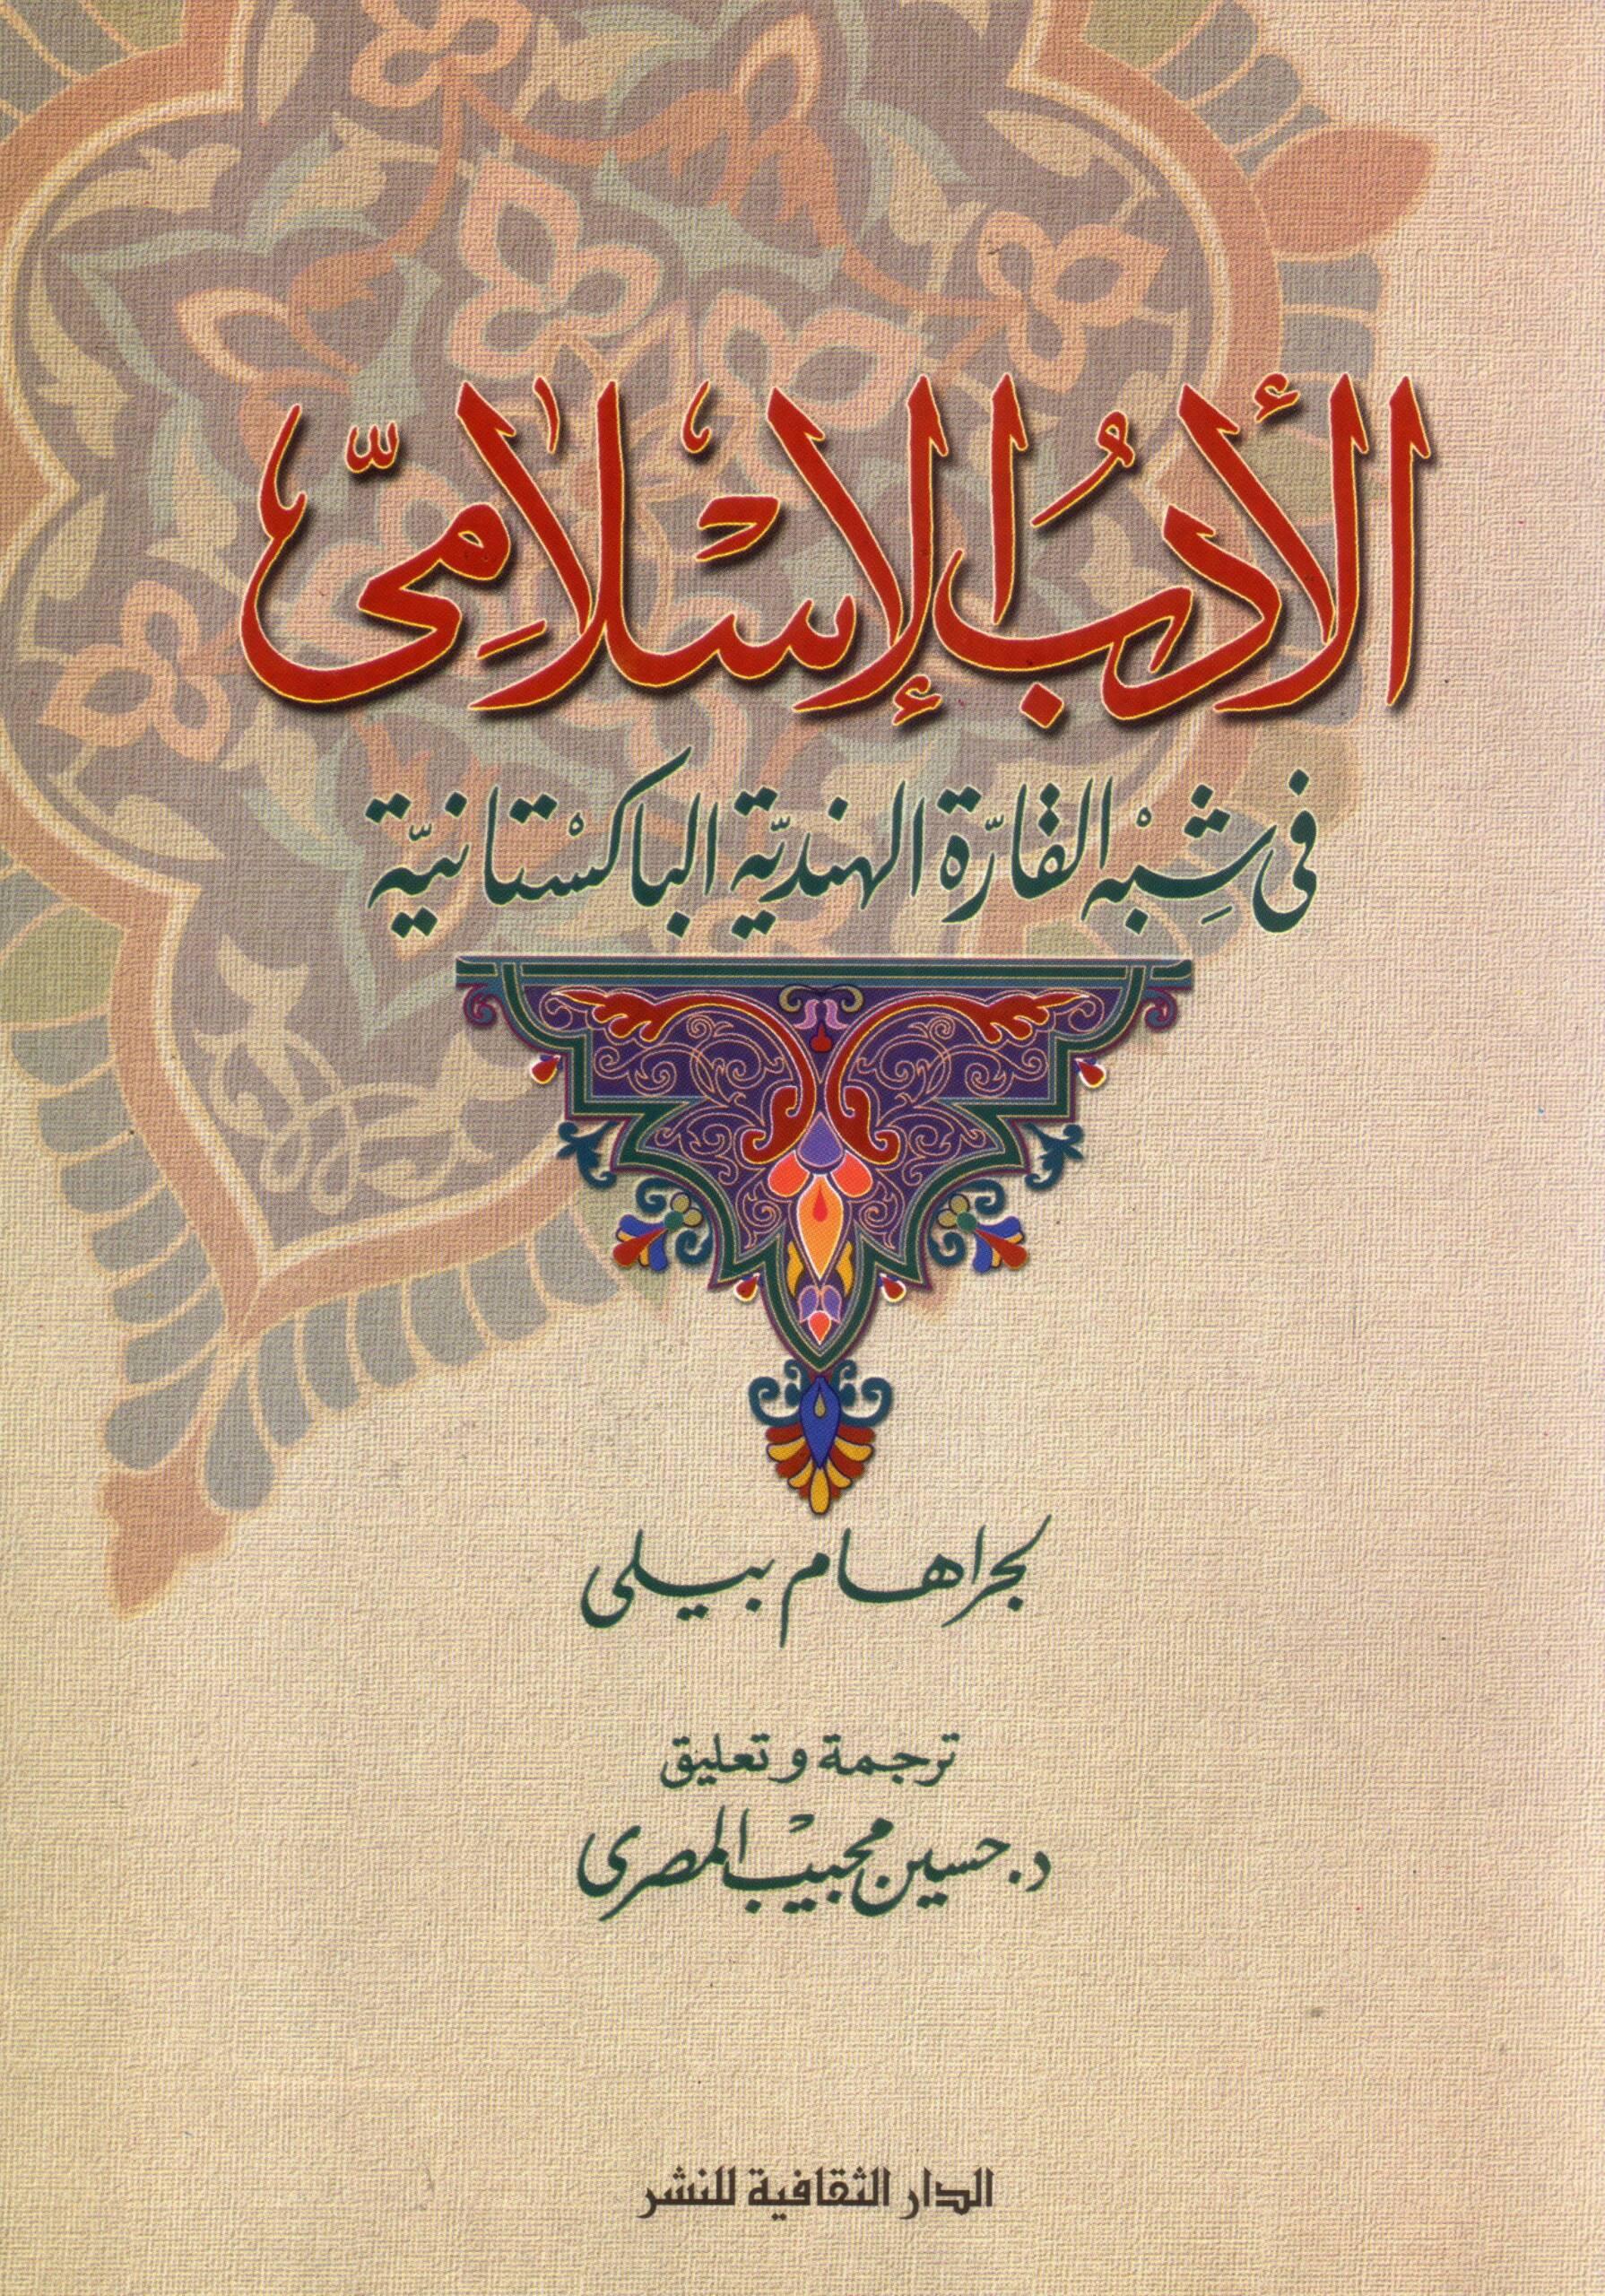 الأدب الإسلامى فى شبه القارة الهندية الباكستانية